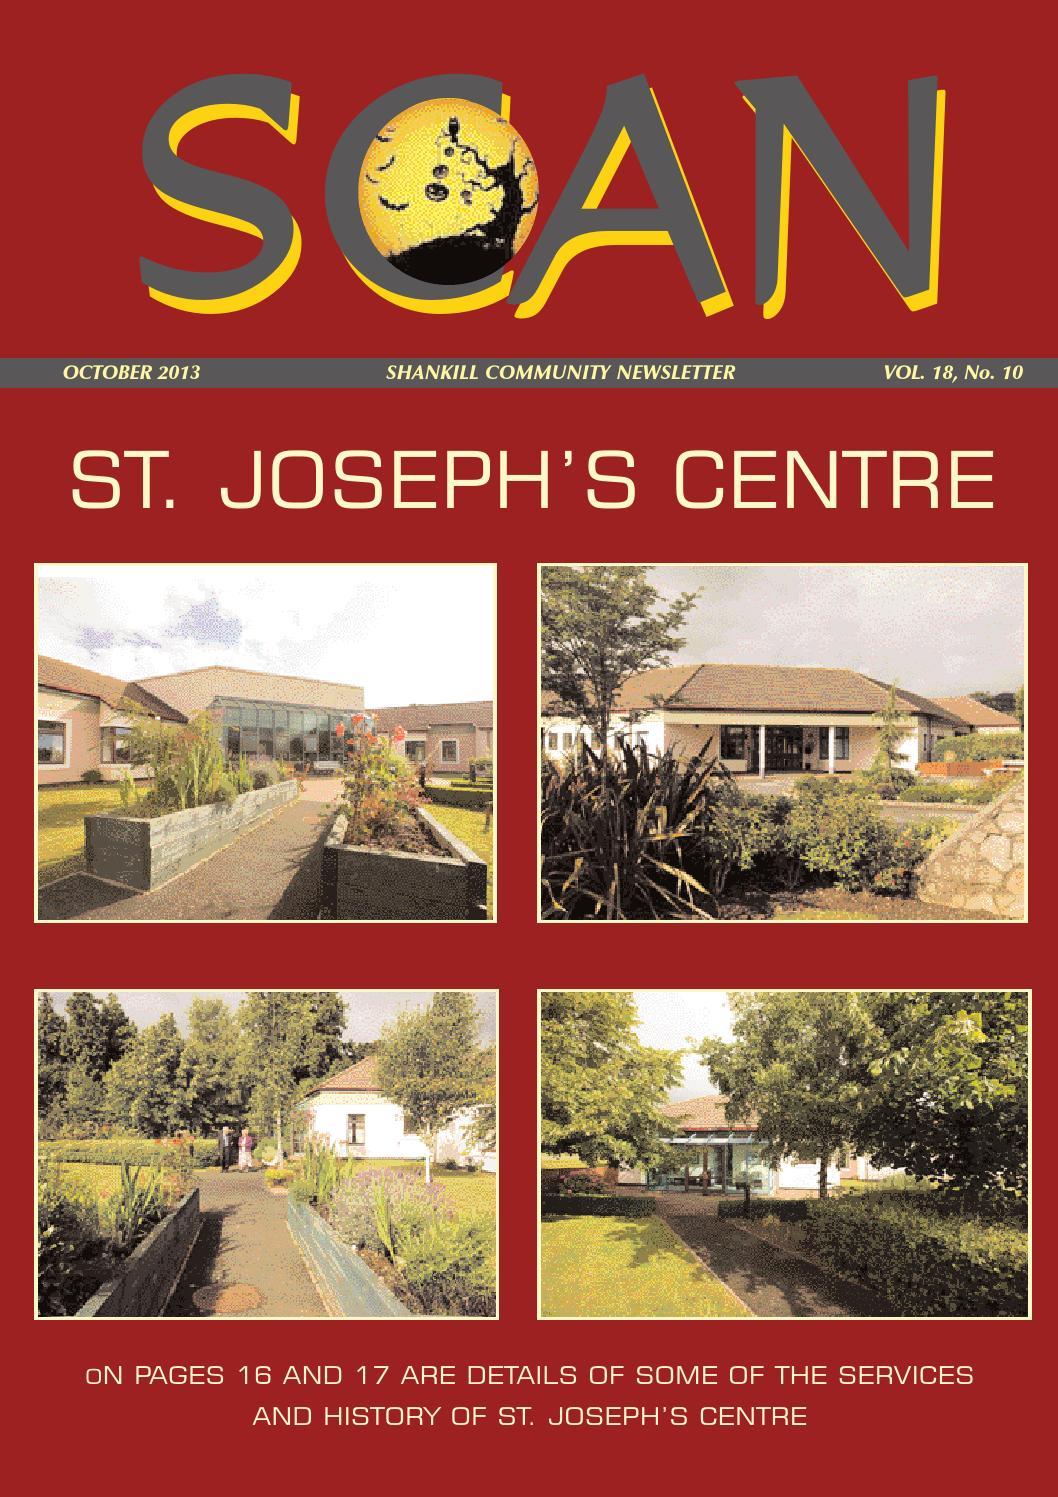 Shankill, Ireland Classes | Eventbrite